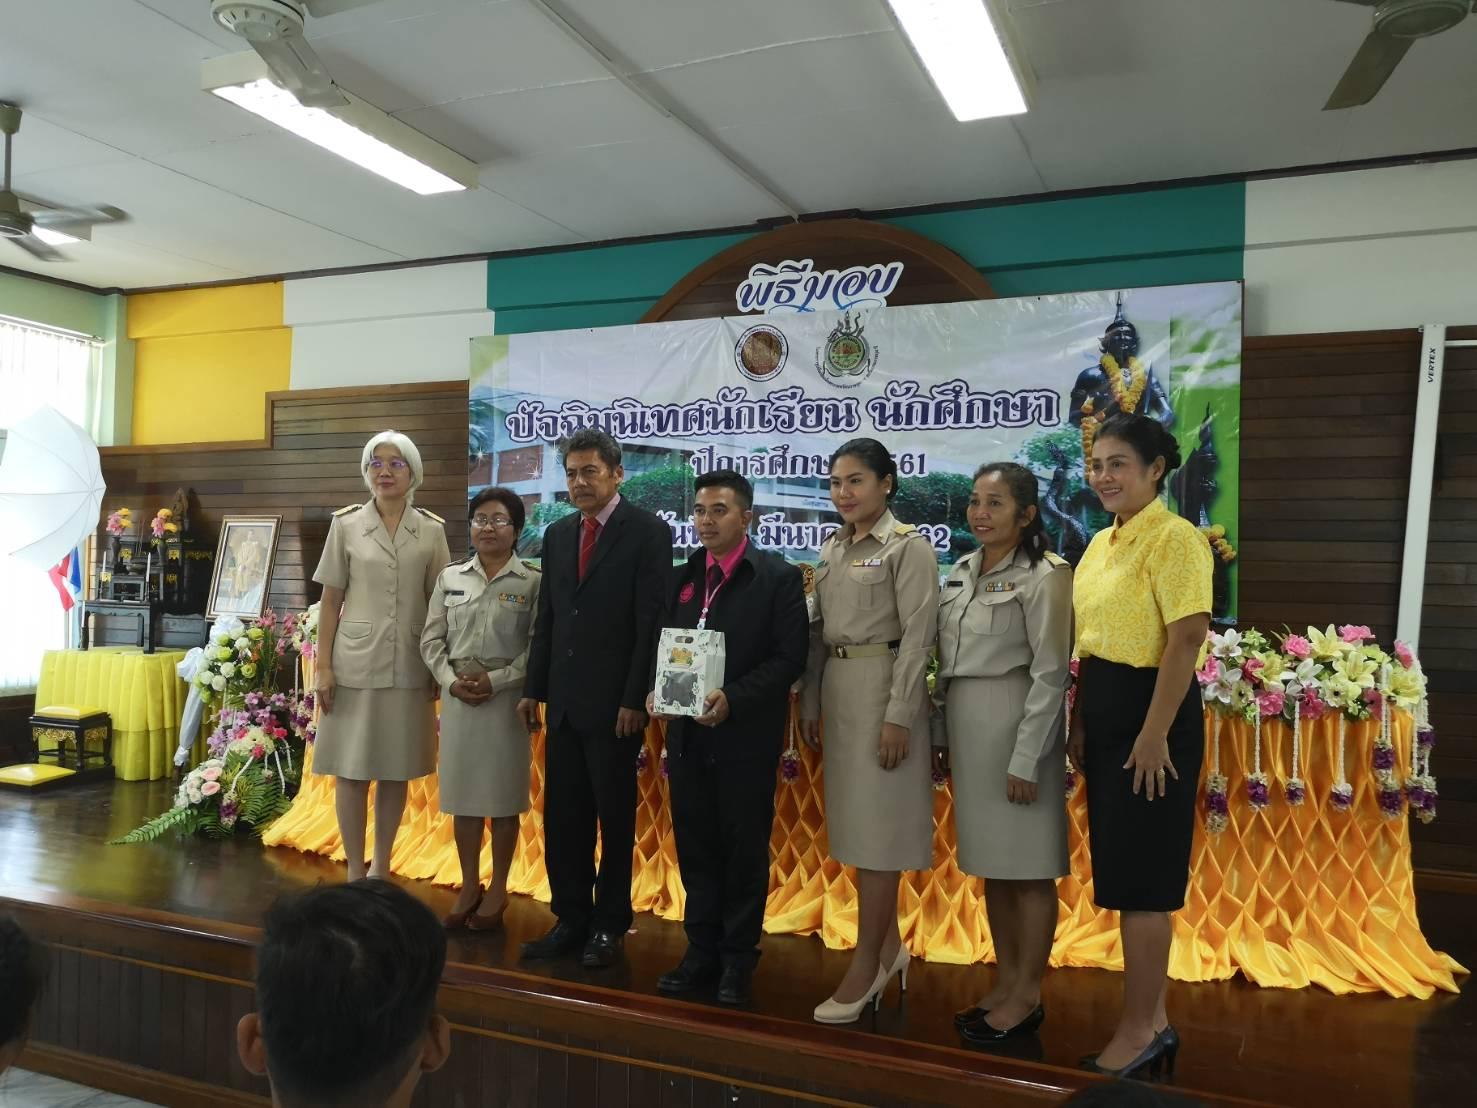 ปัจฉิมนิเทศนักเรียนนักศึกษาประจำปีการศึกษา 2561